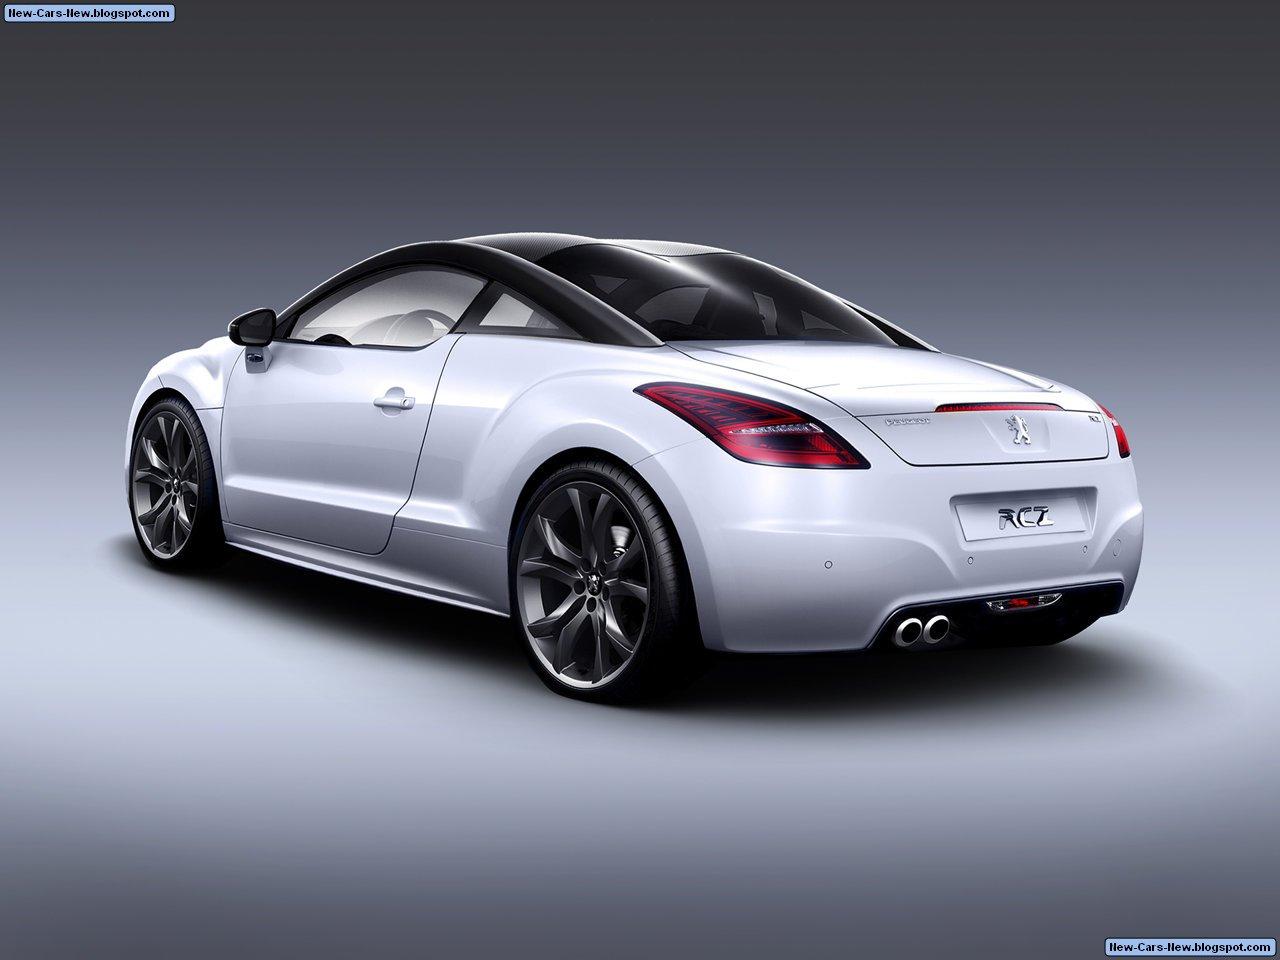 http://2.bp.blogspot.com/_U4w592tUDHM/TCD0Cb6Wf9I/AAAAAAAACwA/wT7nUb_lxV0/s1600/Peugeot-RCZ_2011_1280x960_wallpaper_02.jpg